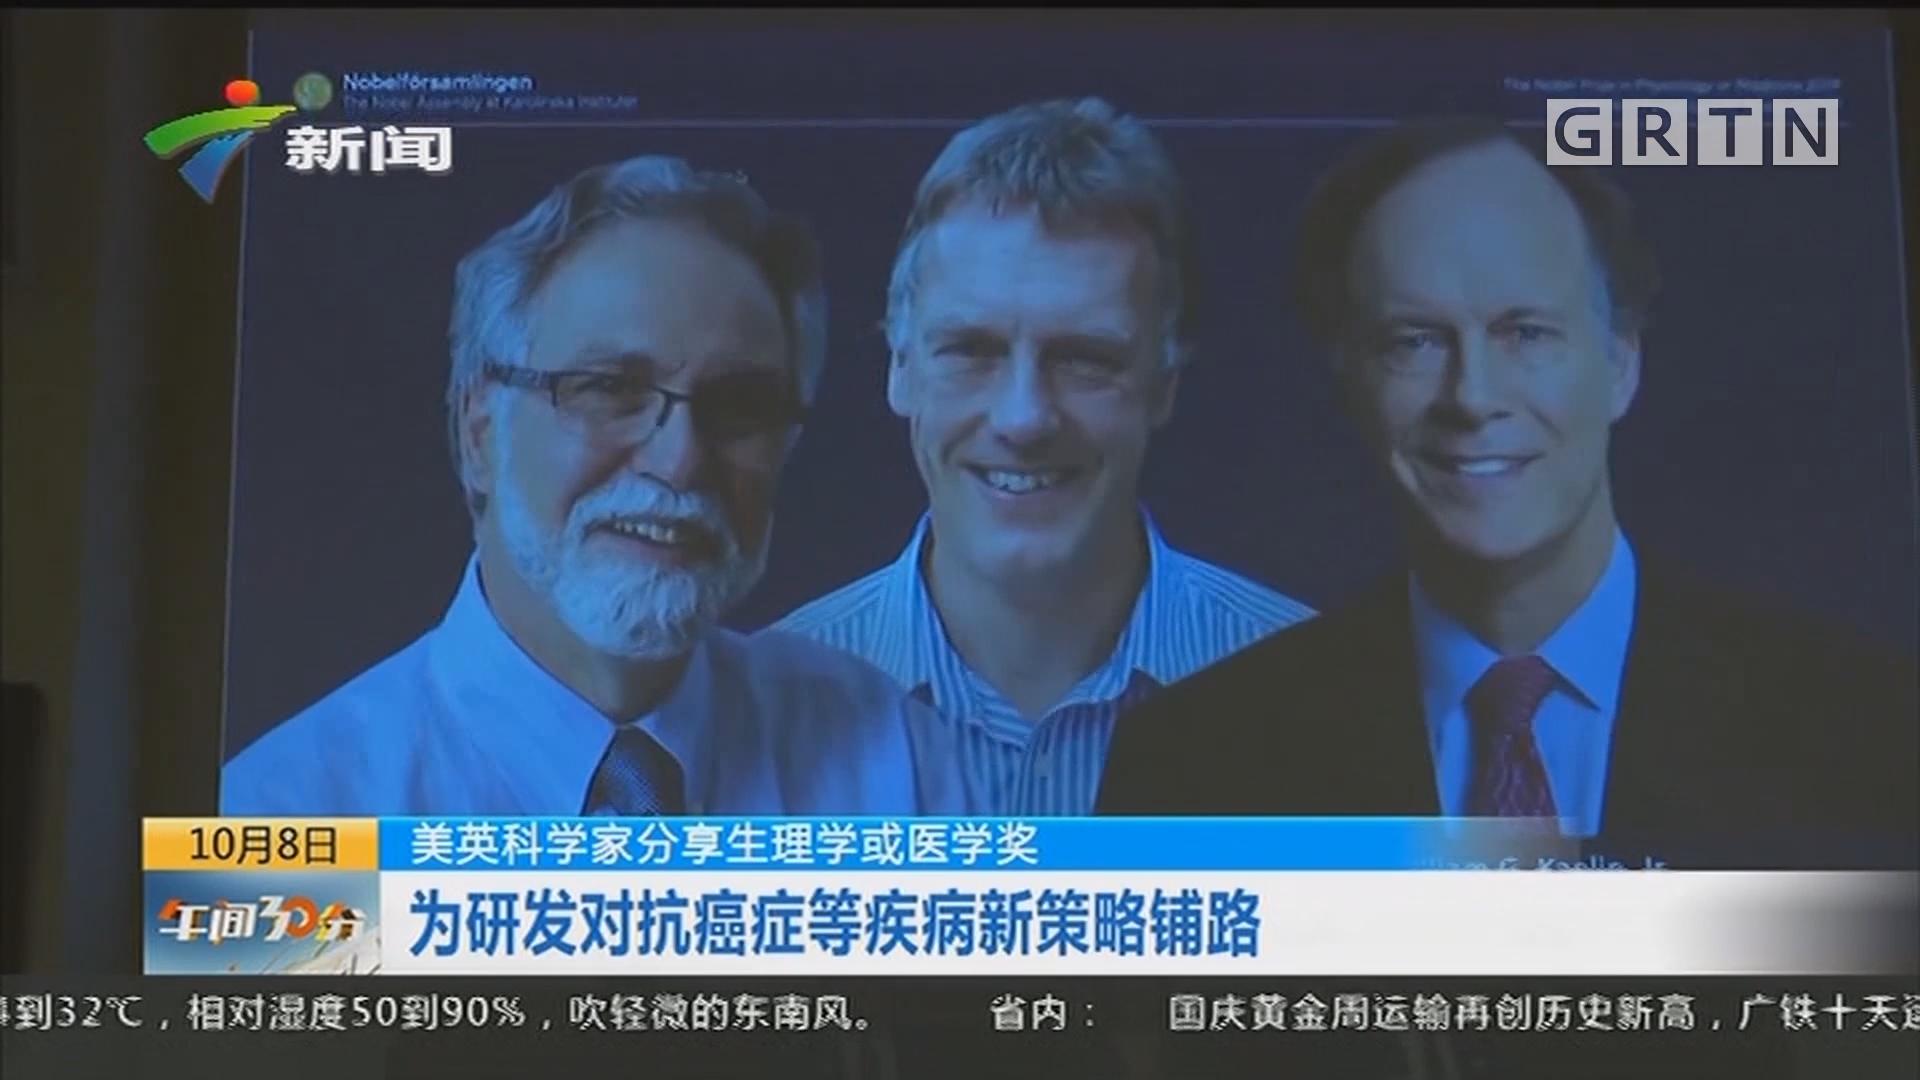 2019年诺贝尔奖颁布:美英科学家分享生理学或医学奖